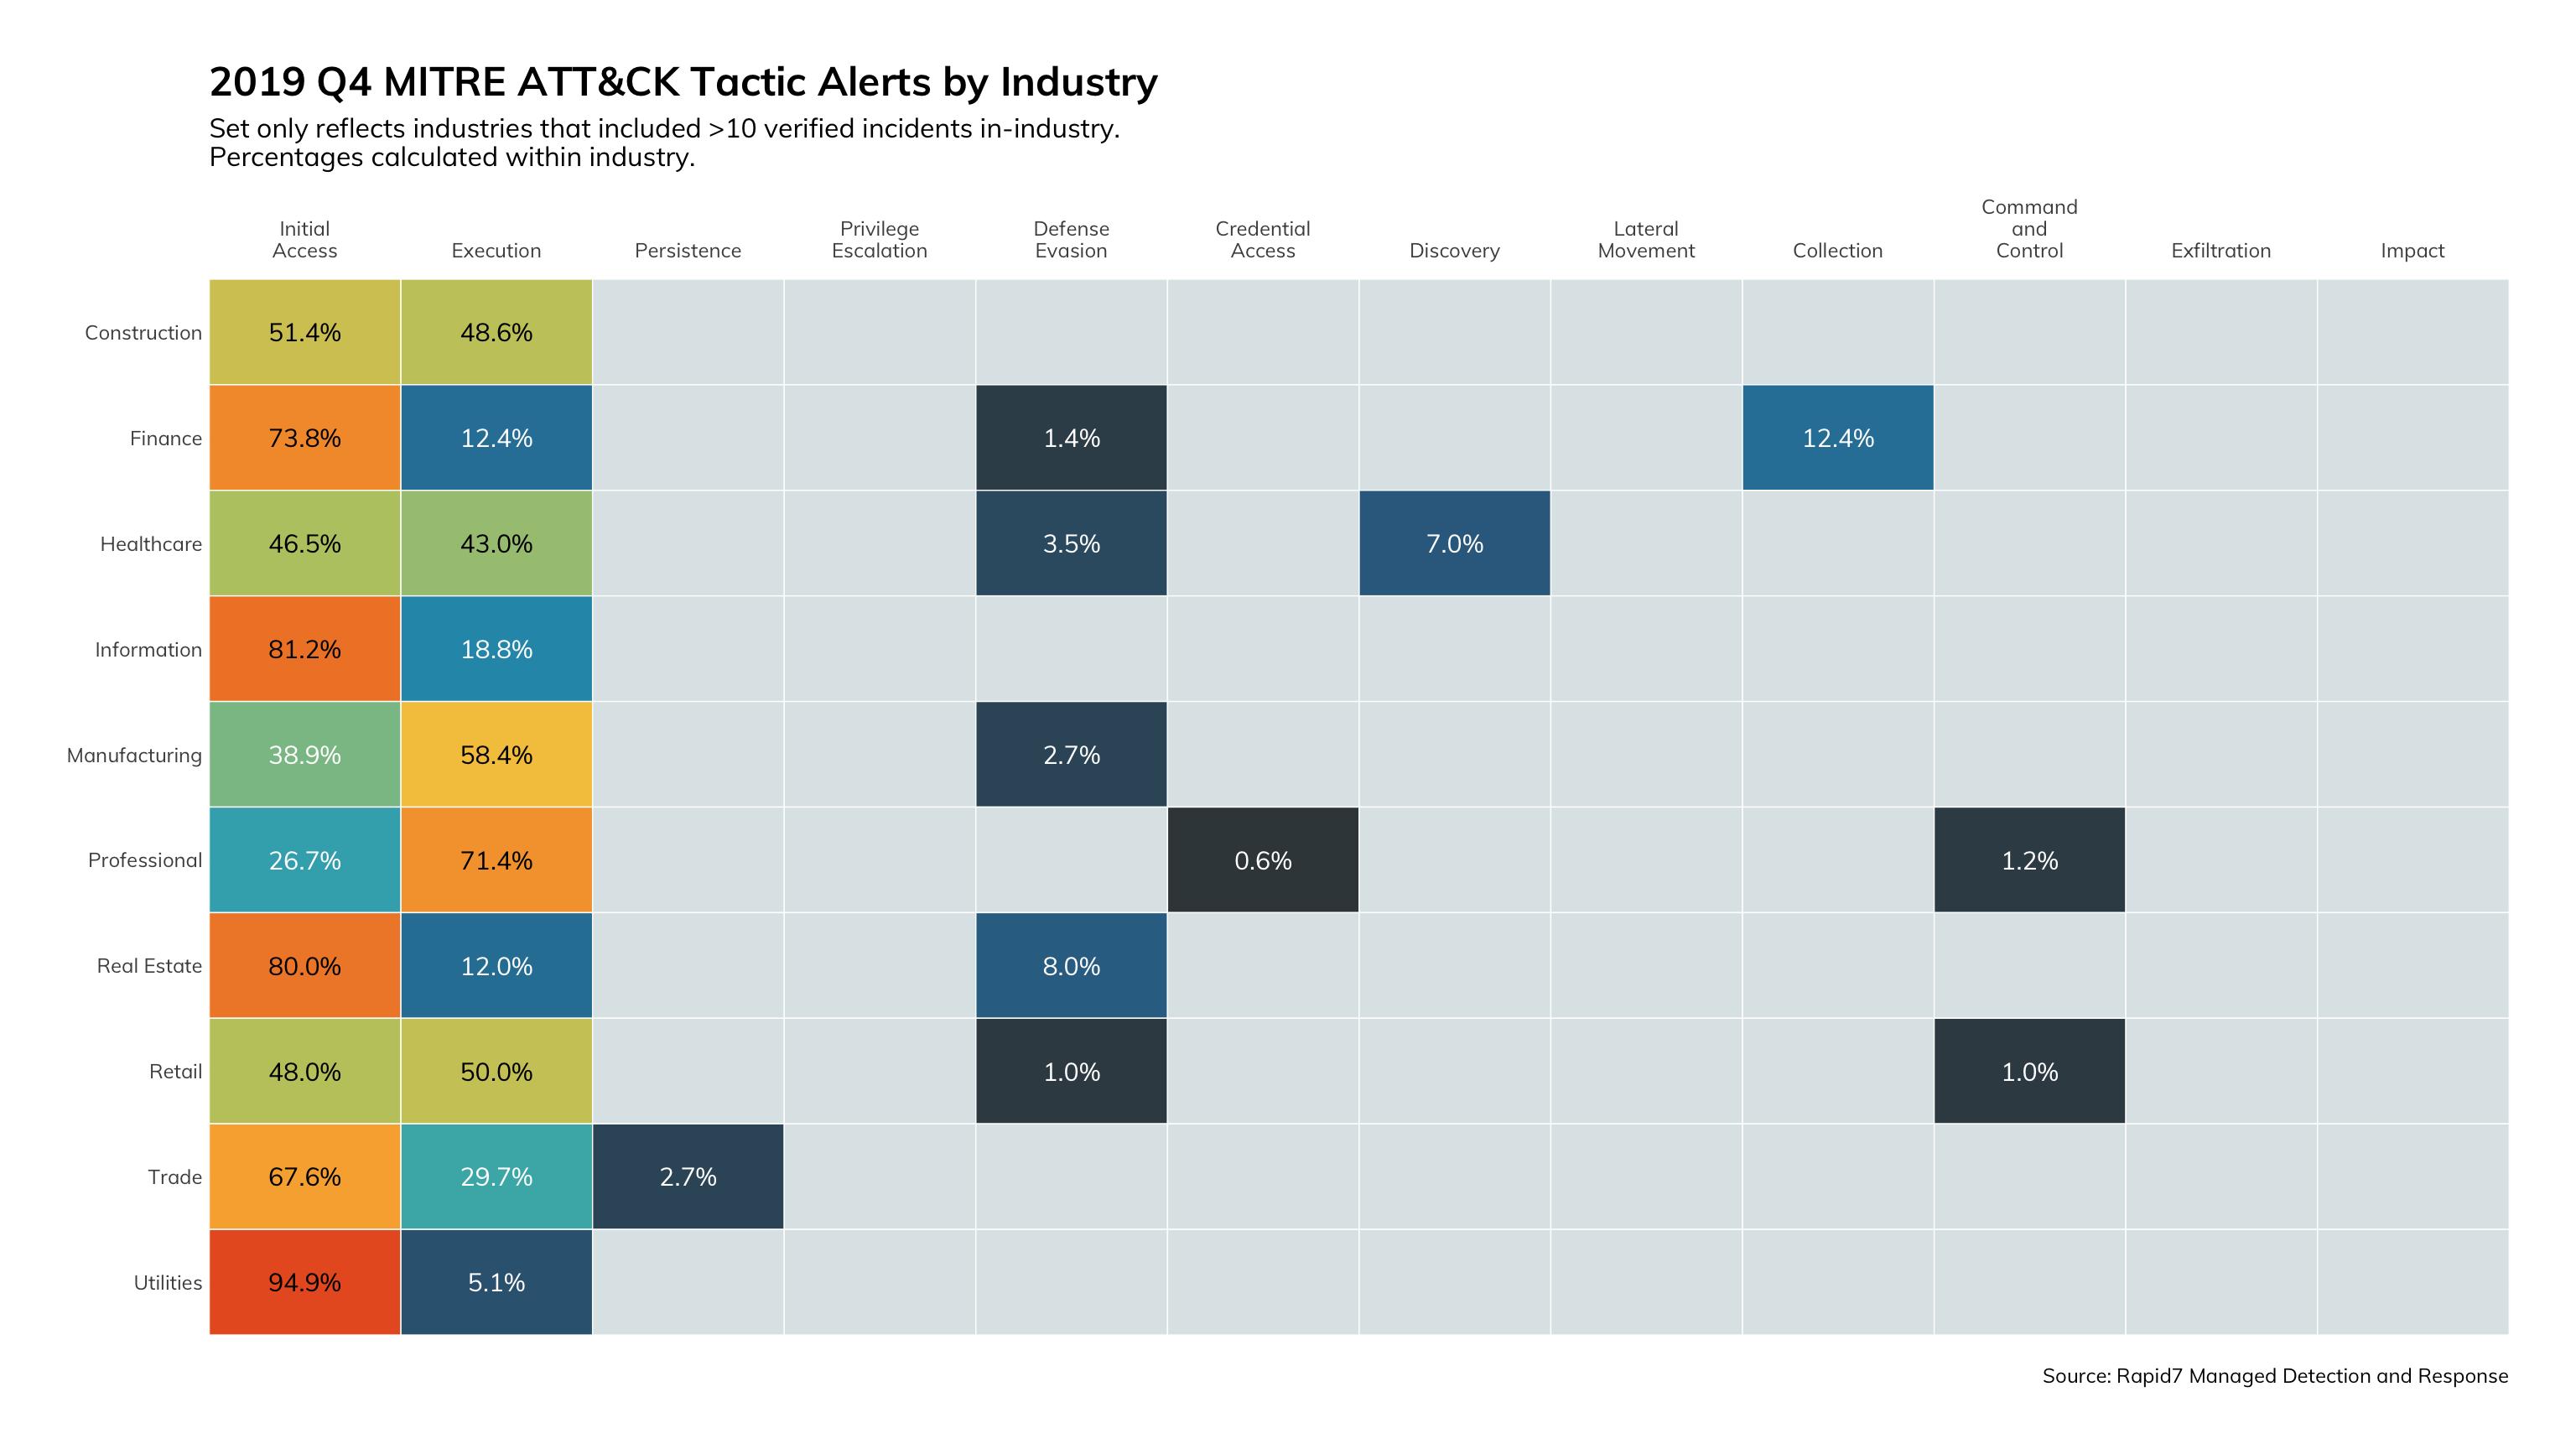 図14: 2019年第4四半期のMITRE ATT&CKの戦術に関するアラート(業種別)